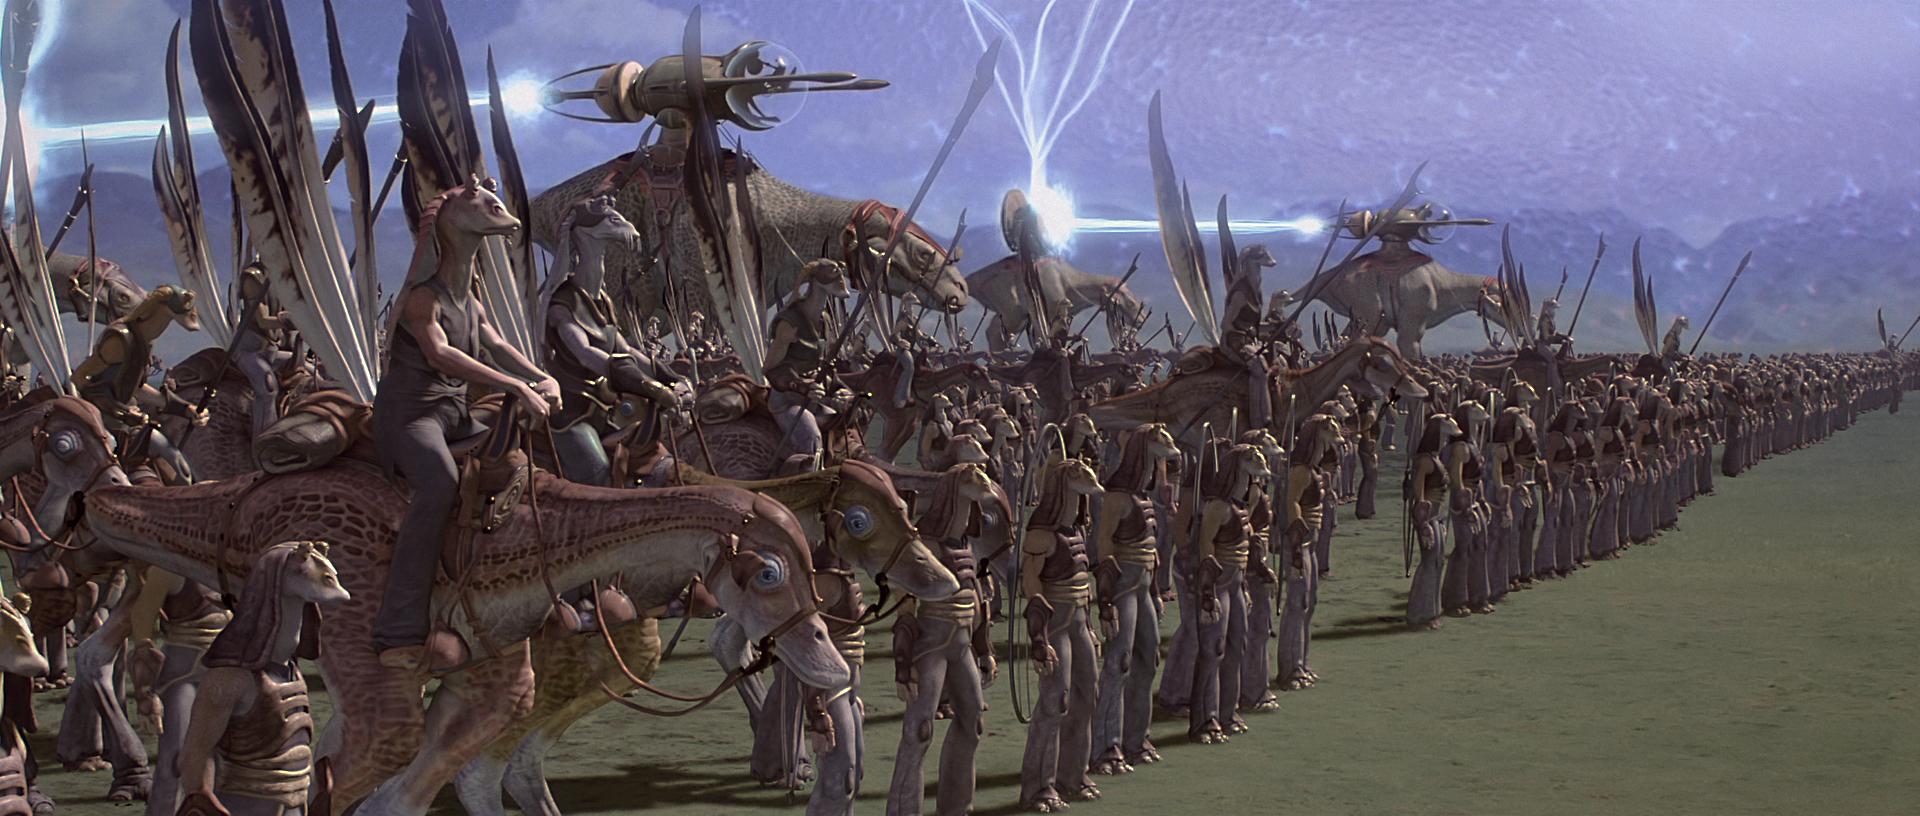 Великая армия гунганов